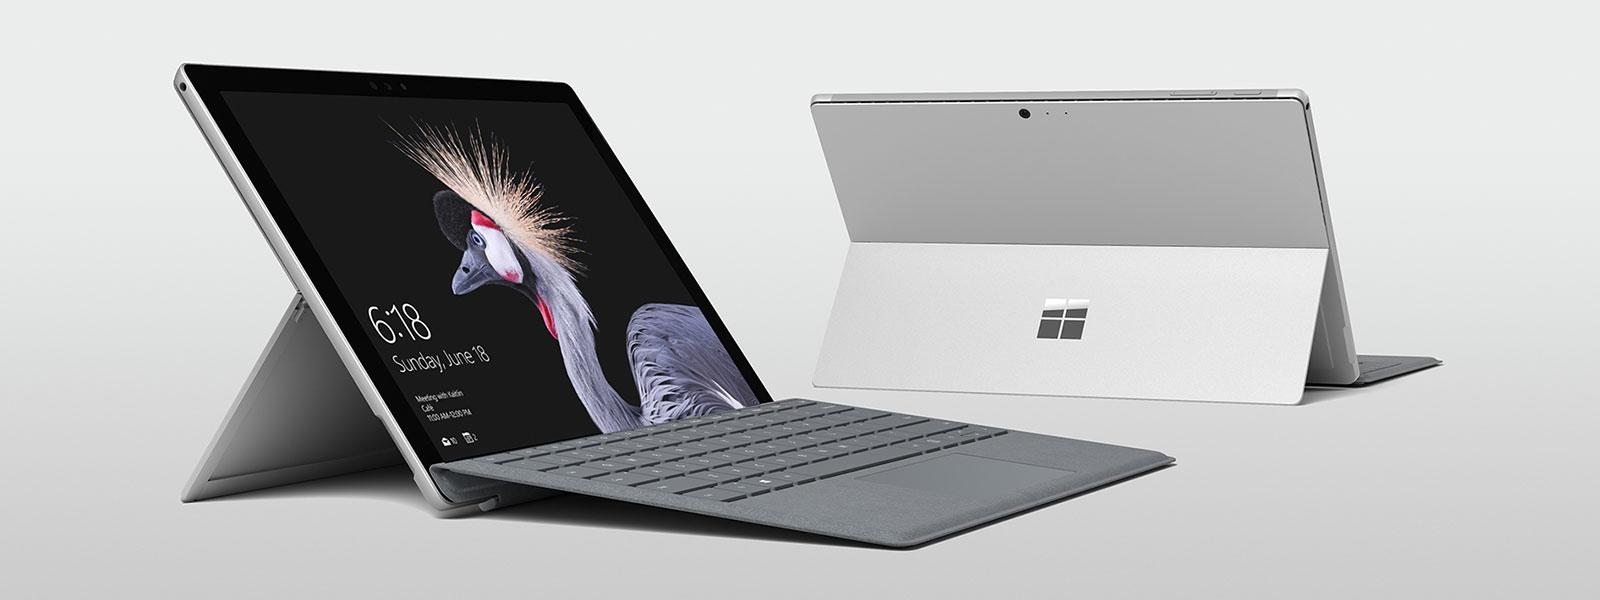 すべての Surface デバイスの集合写真